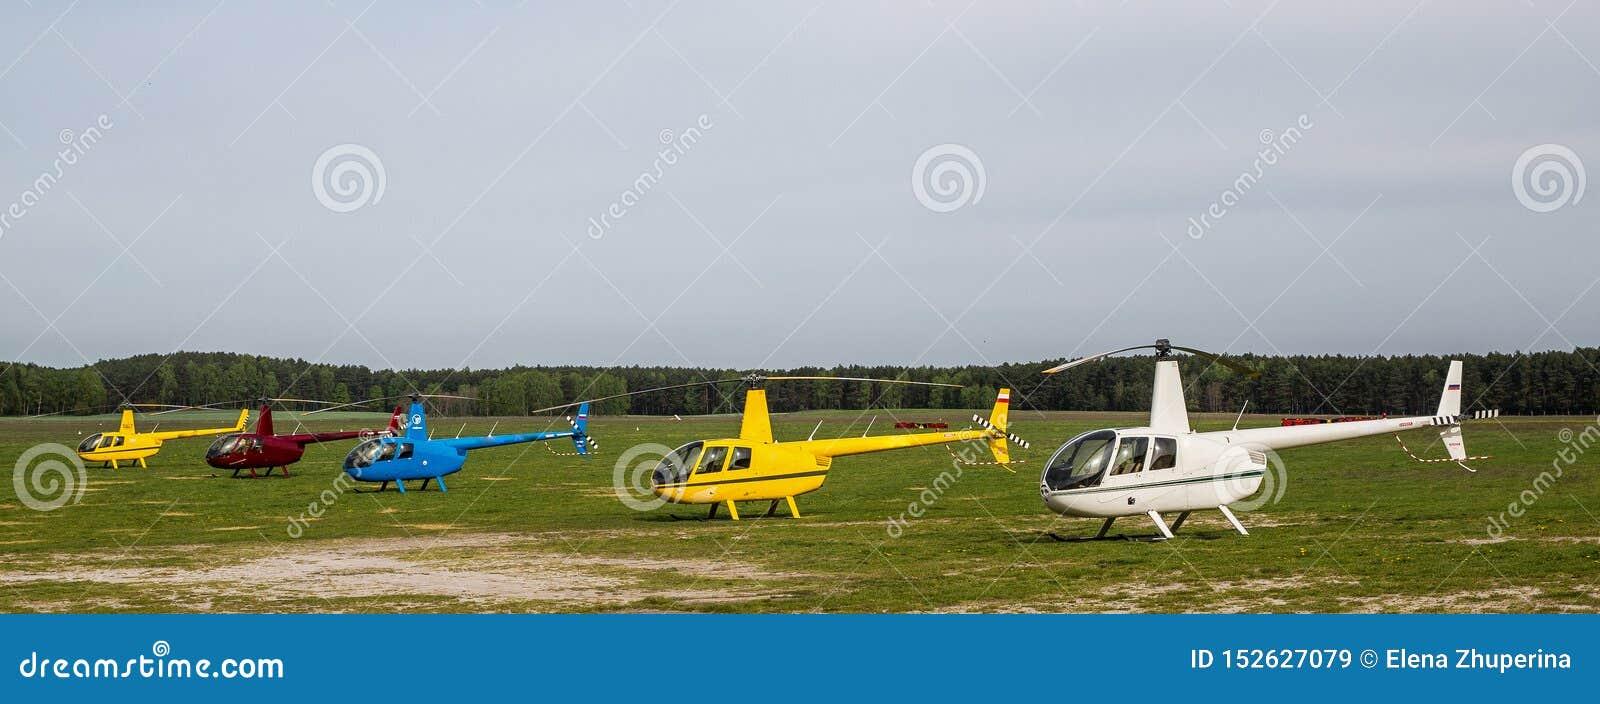 Cinco helicópteros multicolores en el campo del despegue